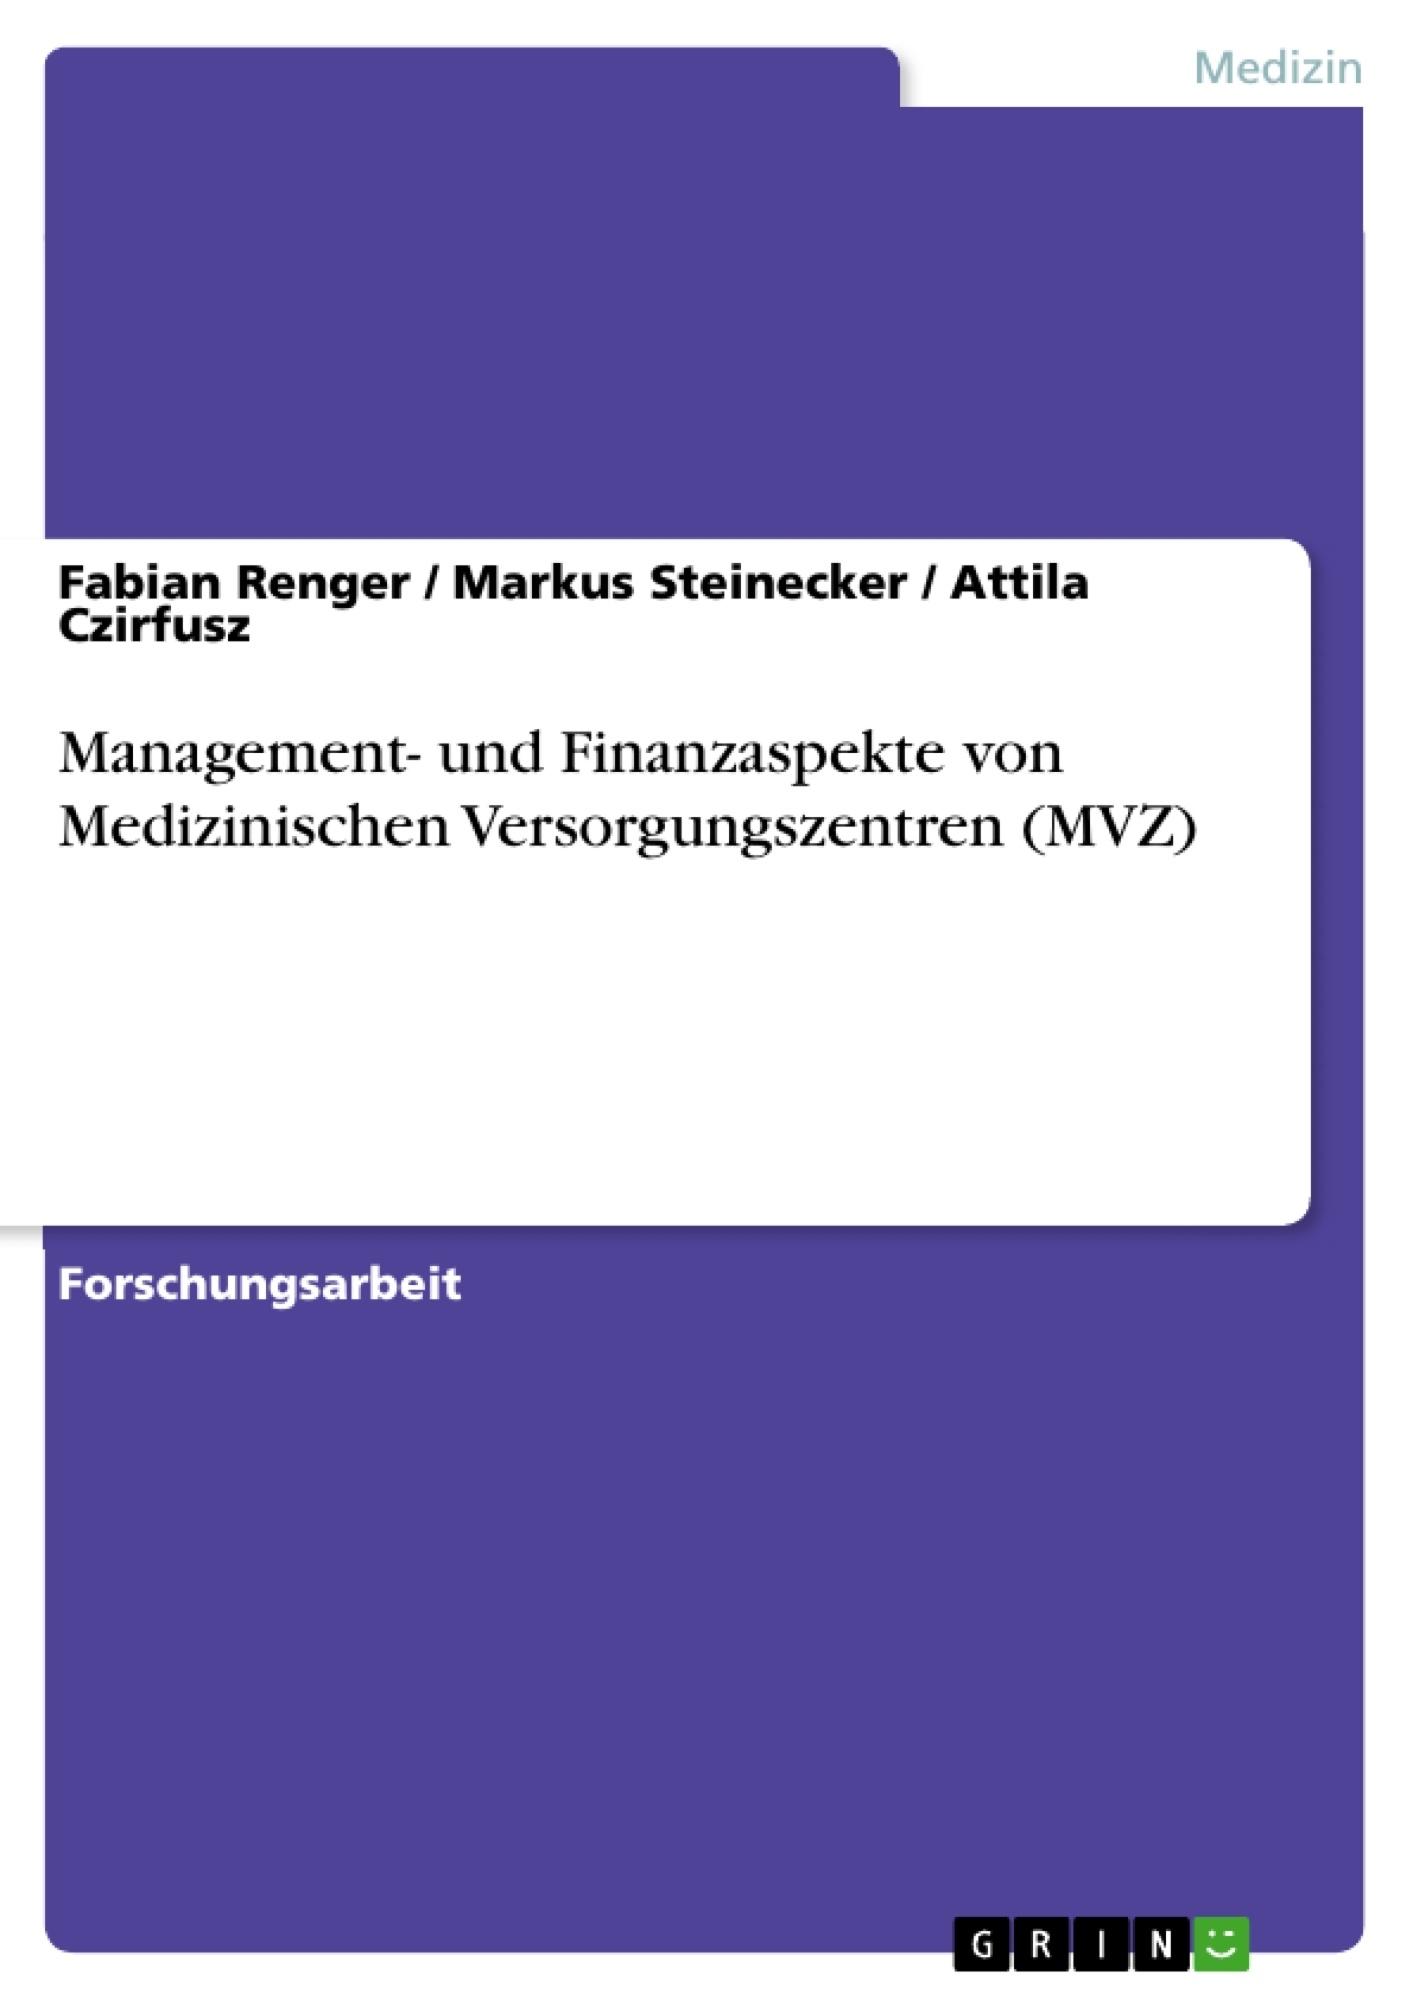 Titel: Management- und Finanzaspekte von Medizinischen Versorgungszentren (MVZ)